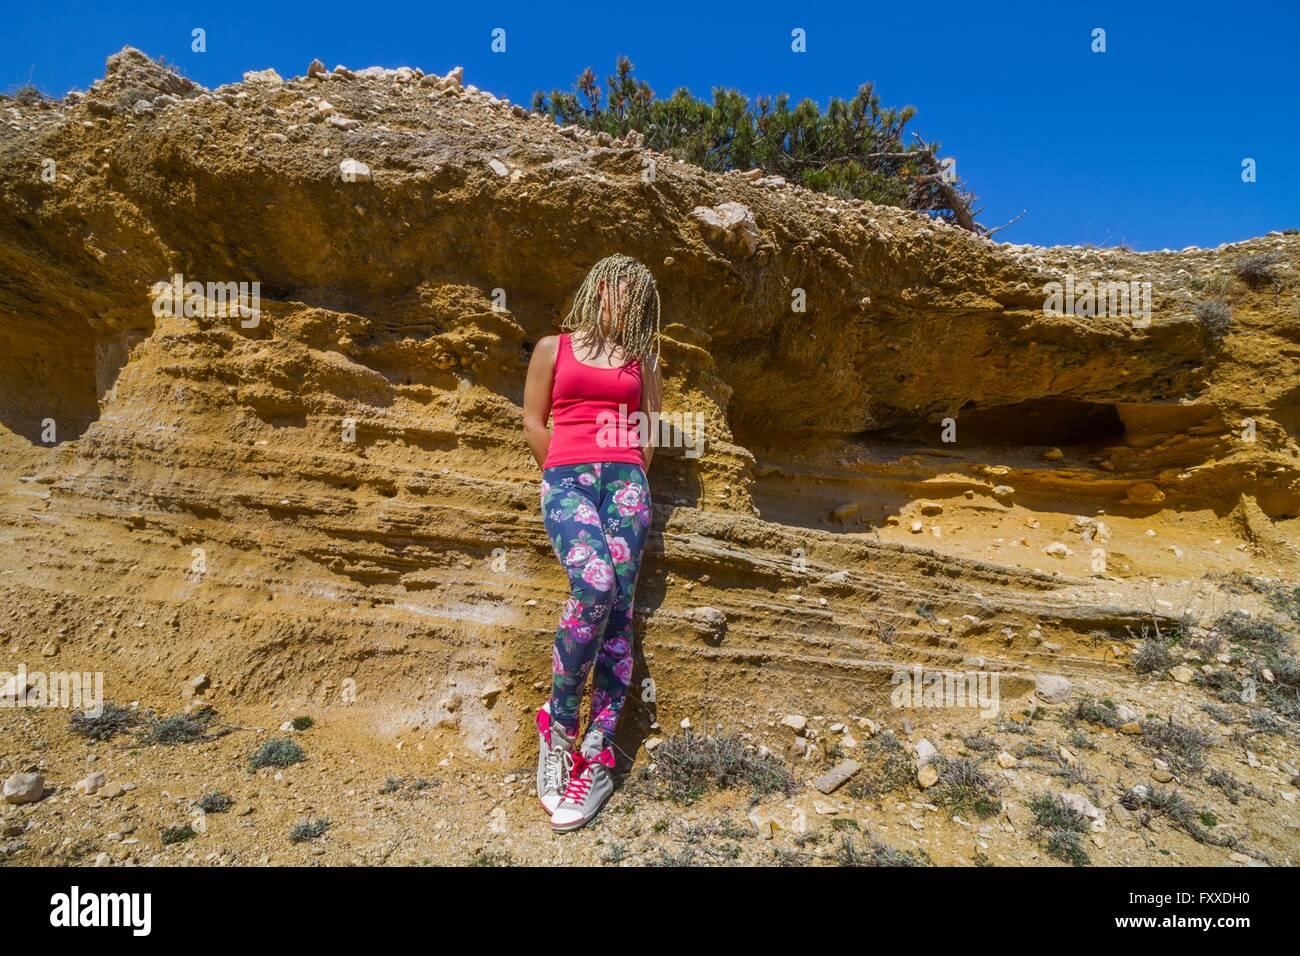 Jeune femme avant de terrain terre cheveux tressés yeux cachés sneakers visage attrayant beau pantalon Photo Stock